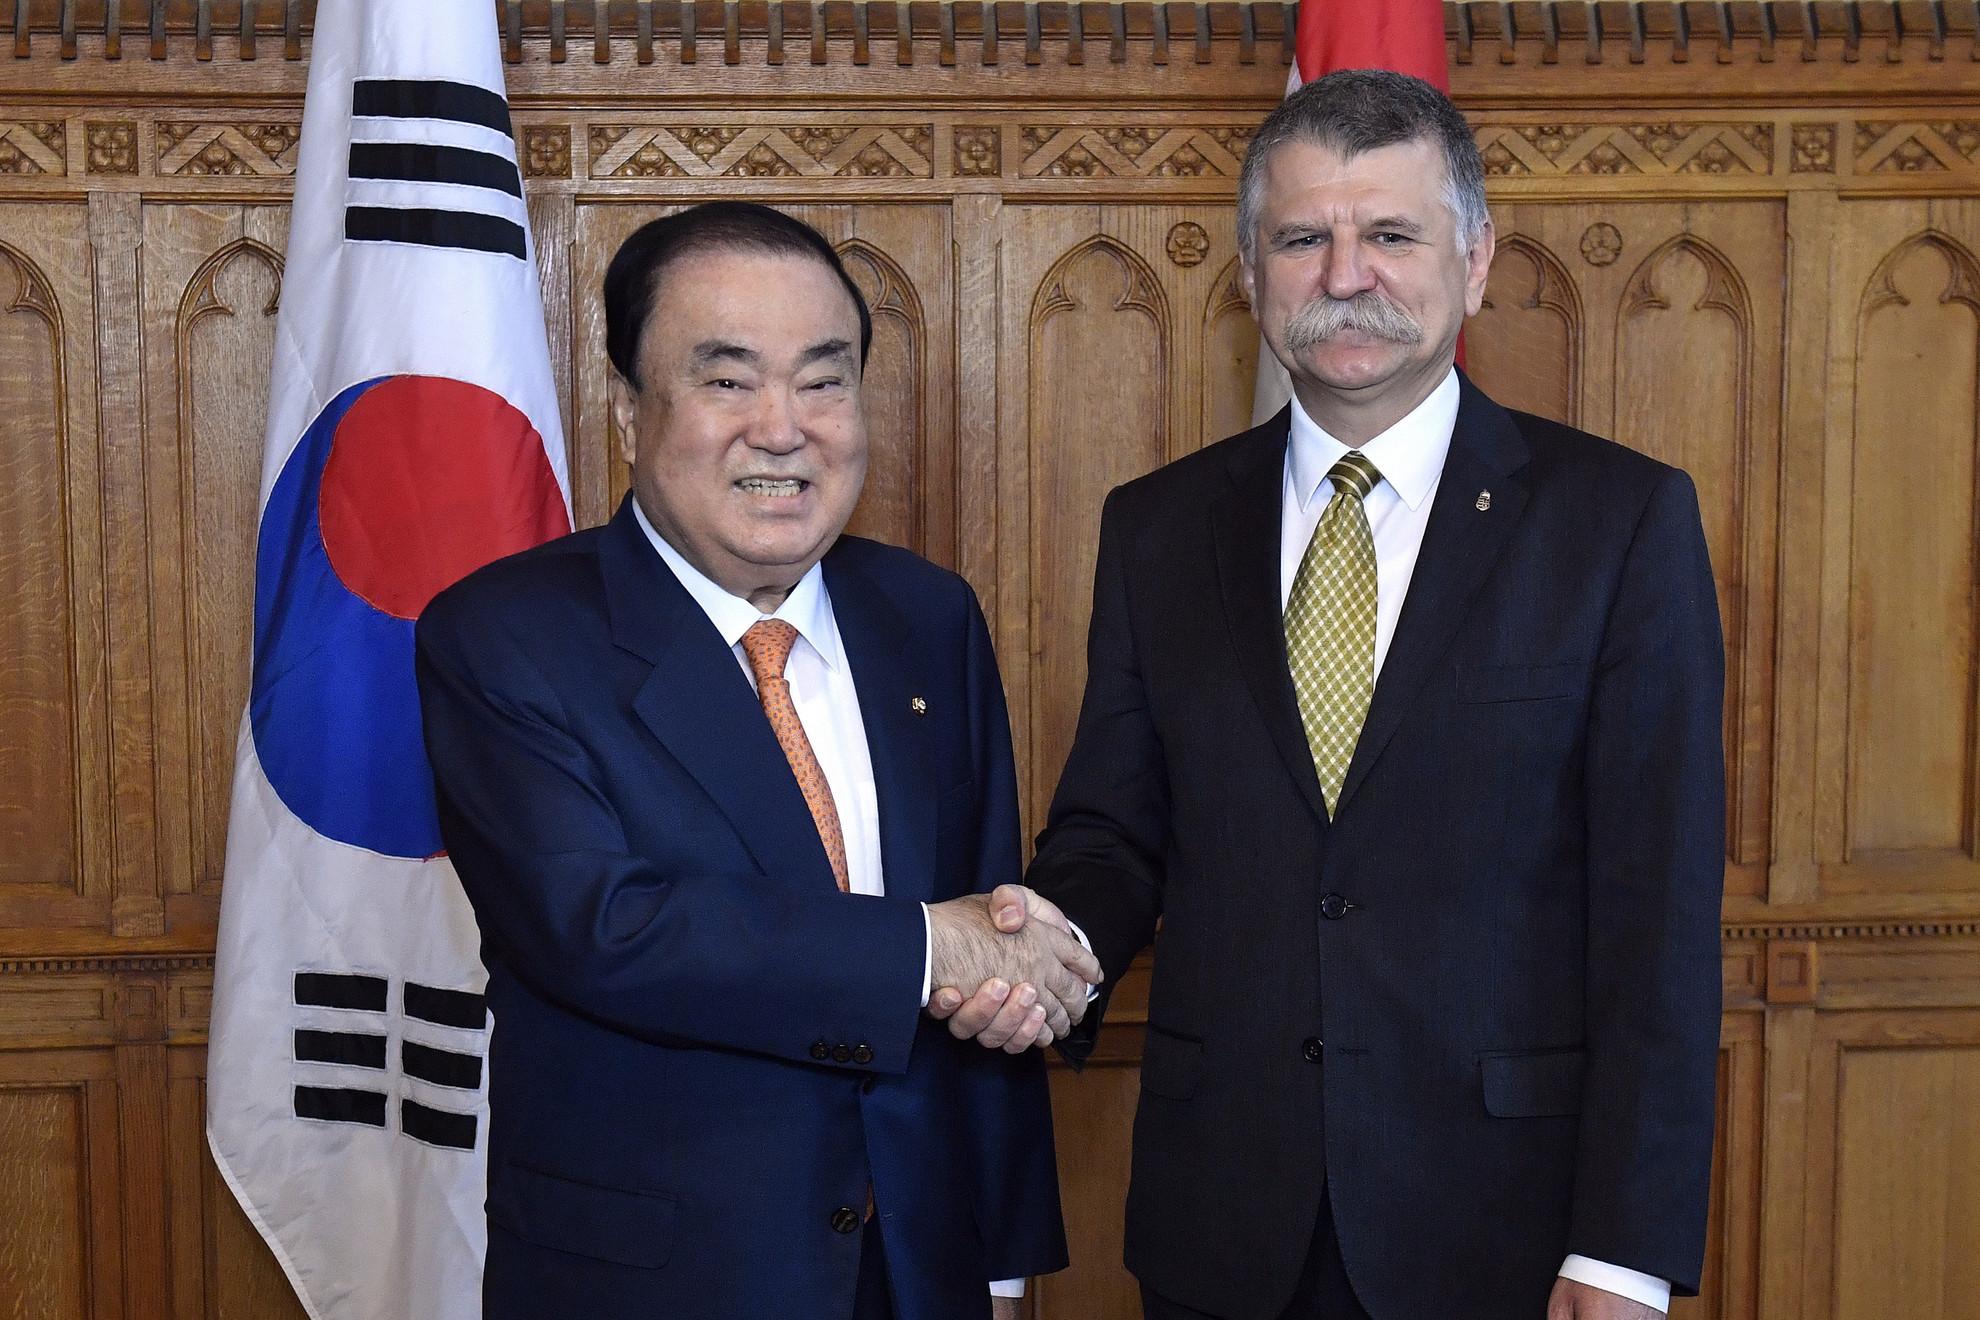 Kövér László, az Országgyűlés elnöke (j) fogadja Mun Hi Szangot, a dél-koreai nemzetgyűlés elnökét az Országházban 2019. szeptember 20-án